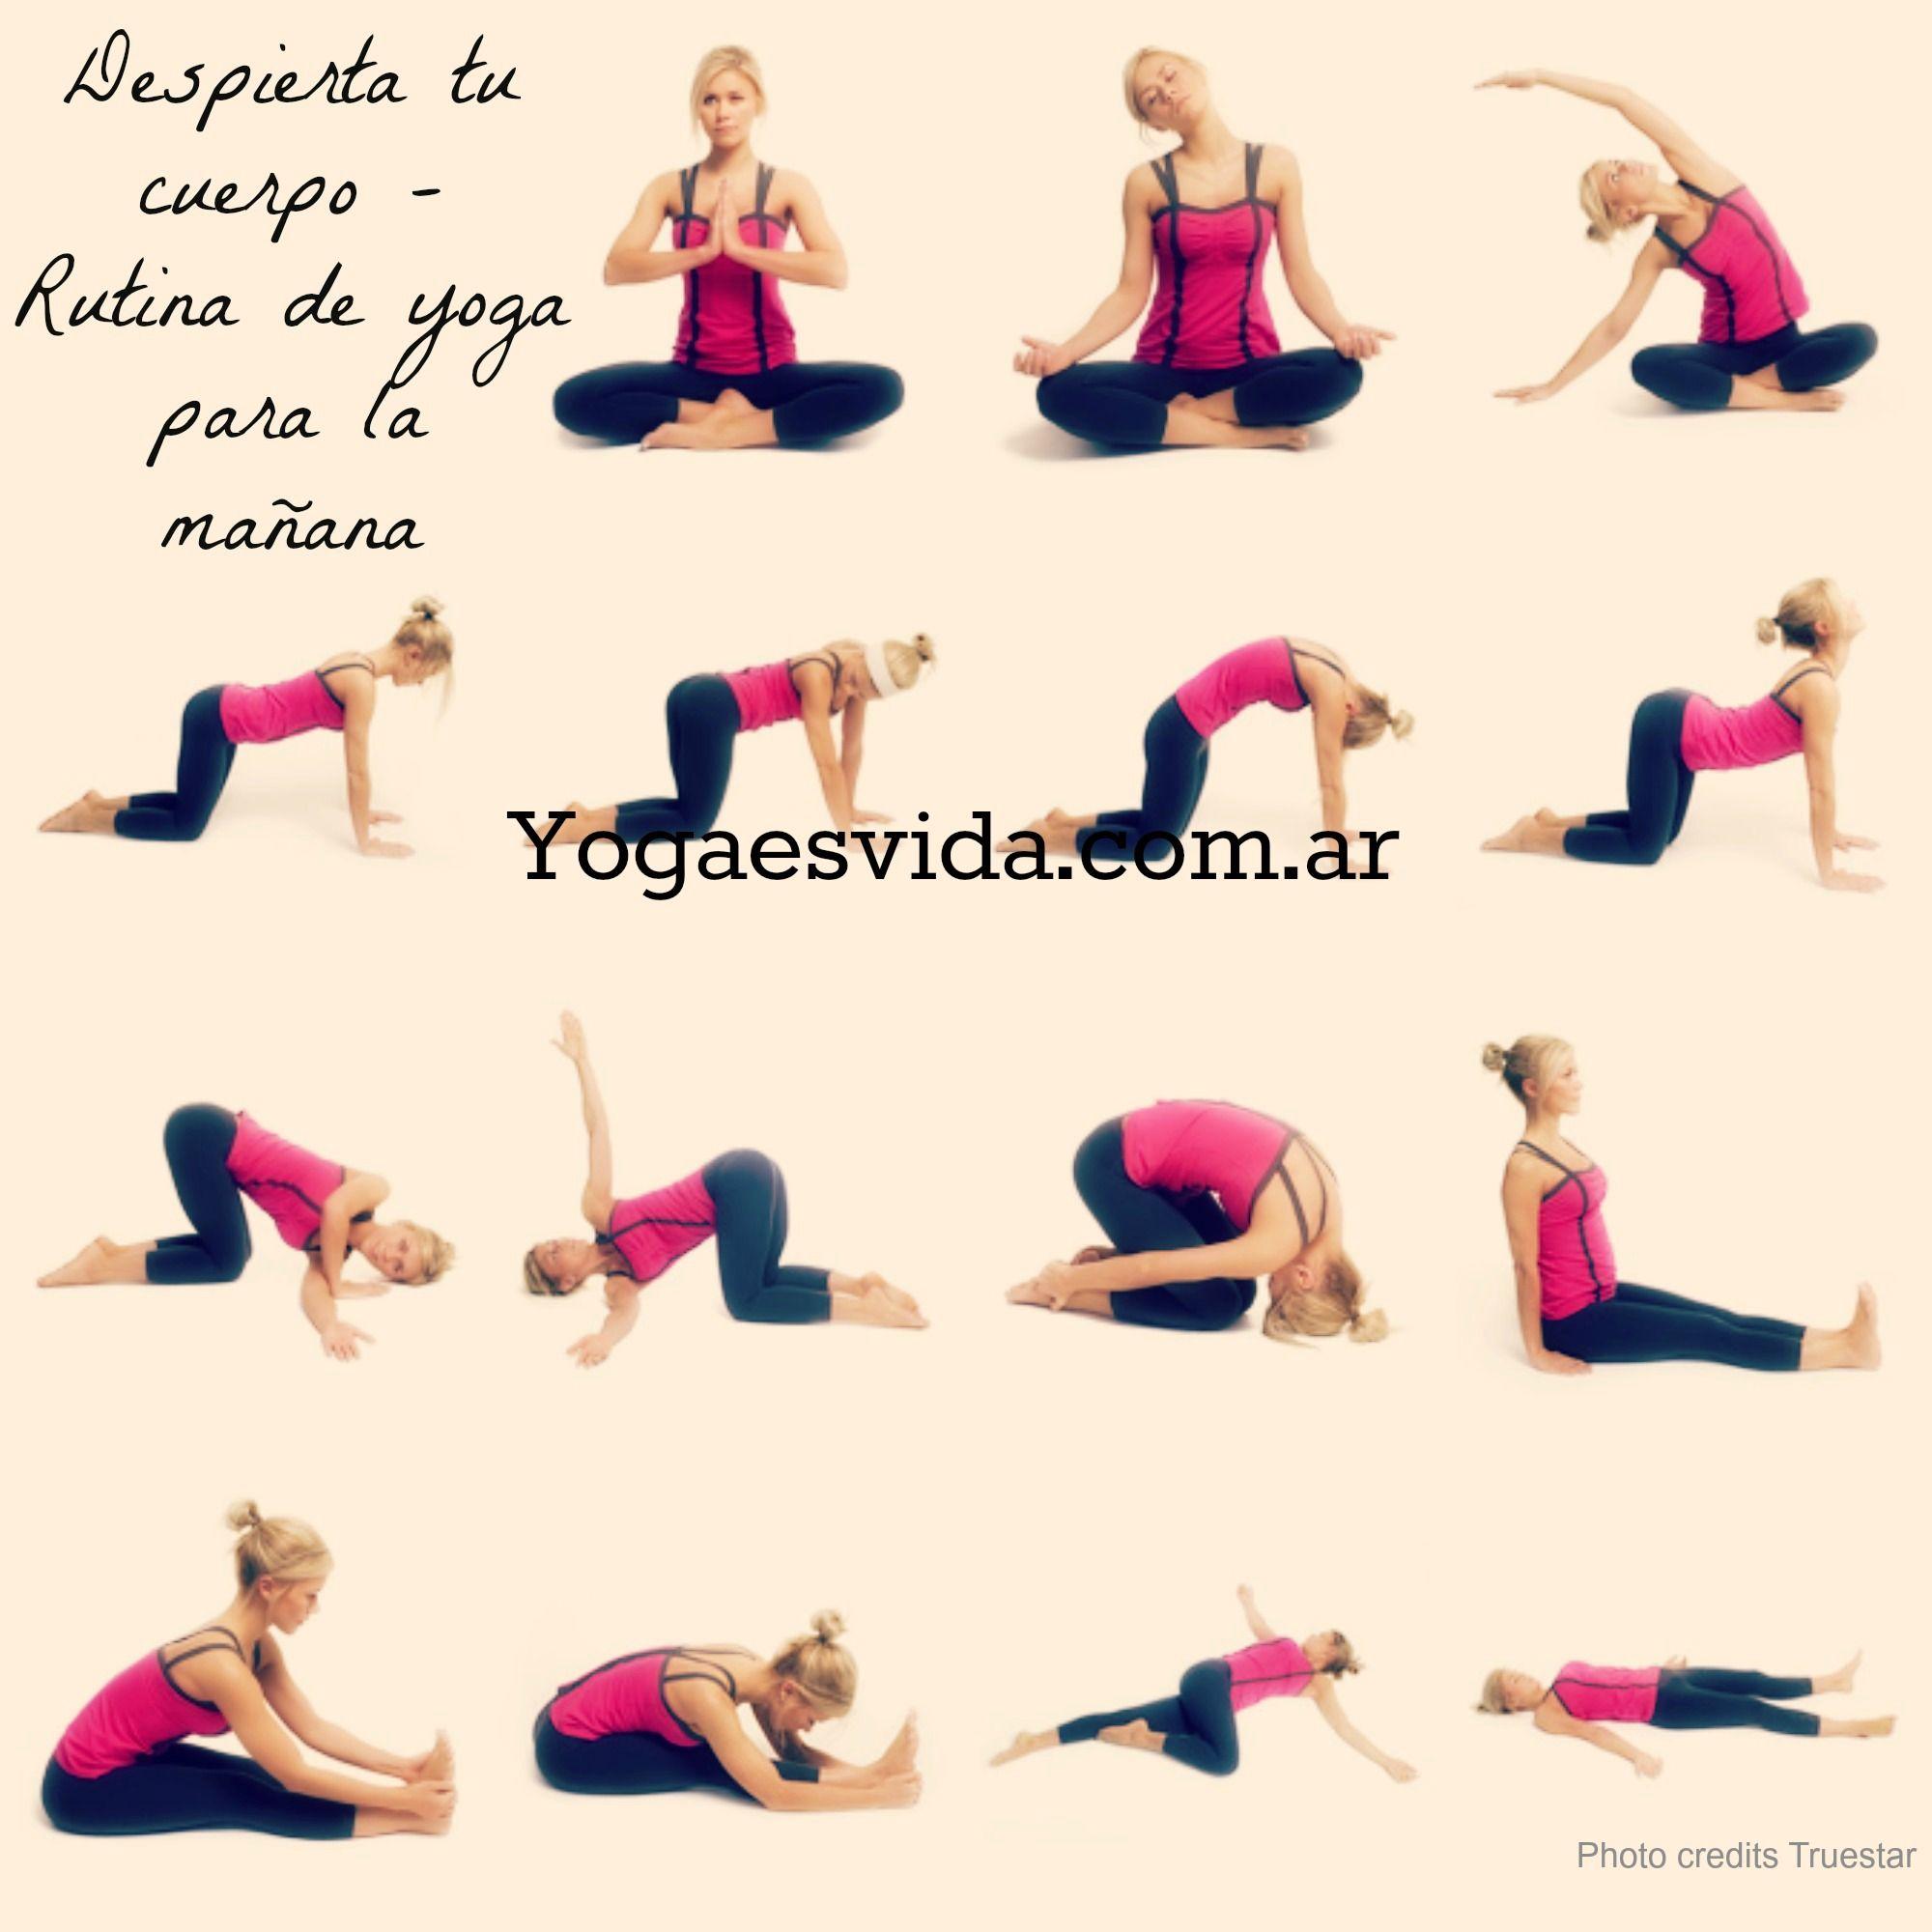 Excelente Rutina De Yoga Para Despertar Tu Cuerpo Por La Manana Rutina De Yoga Yoga Secuencias De Yoga